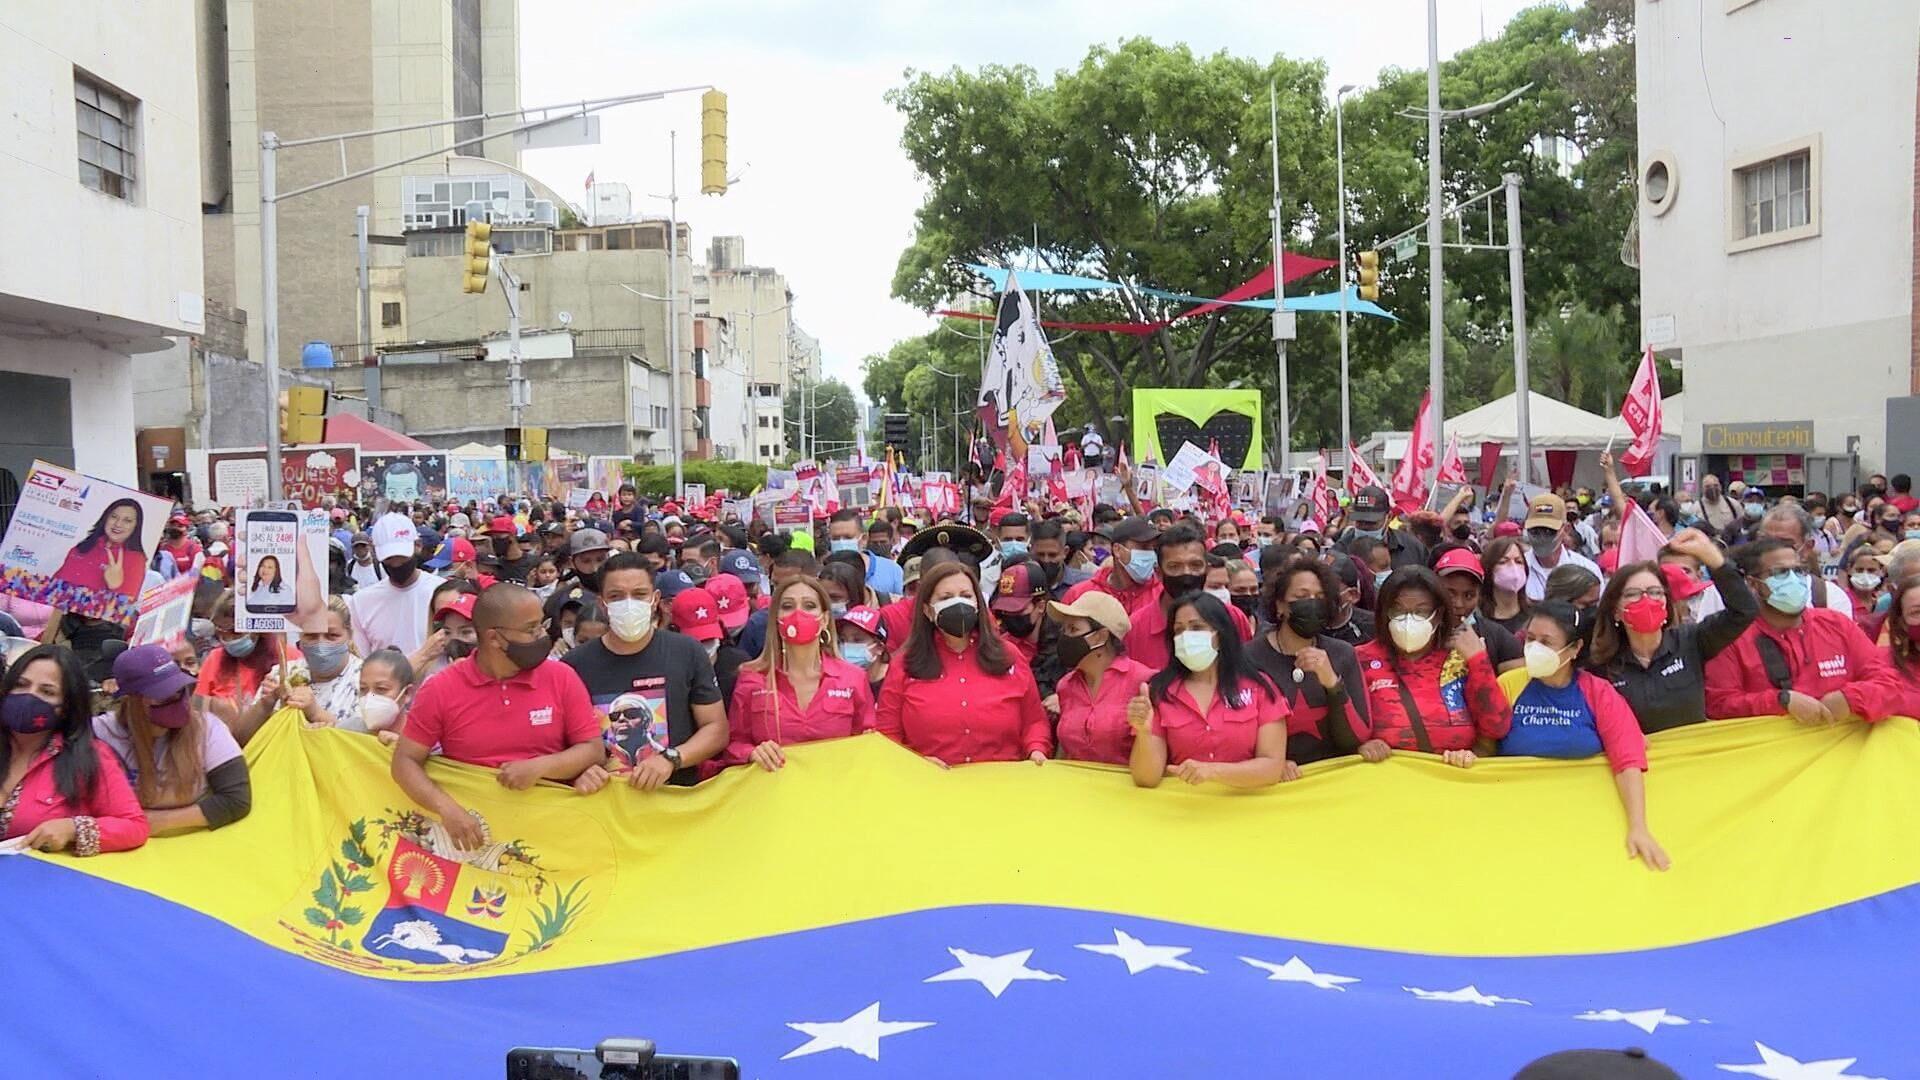 Militancia del PSUV se movilizó con sus precandidatos por el centro de Caracas - Sputnik Mundo, 1920, 07.09.2021